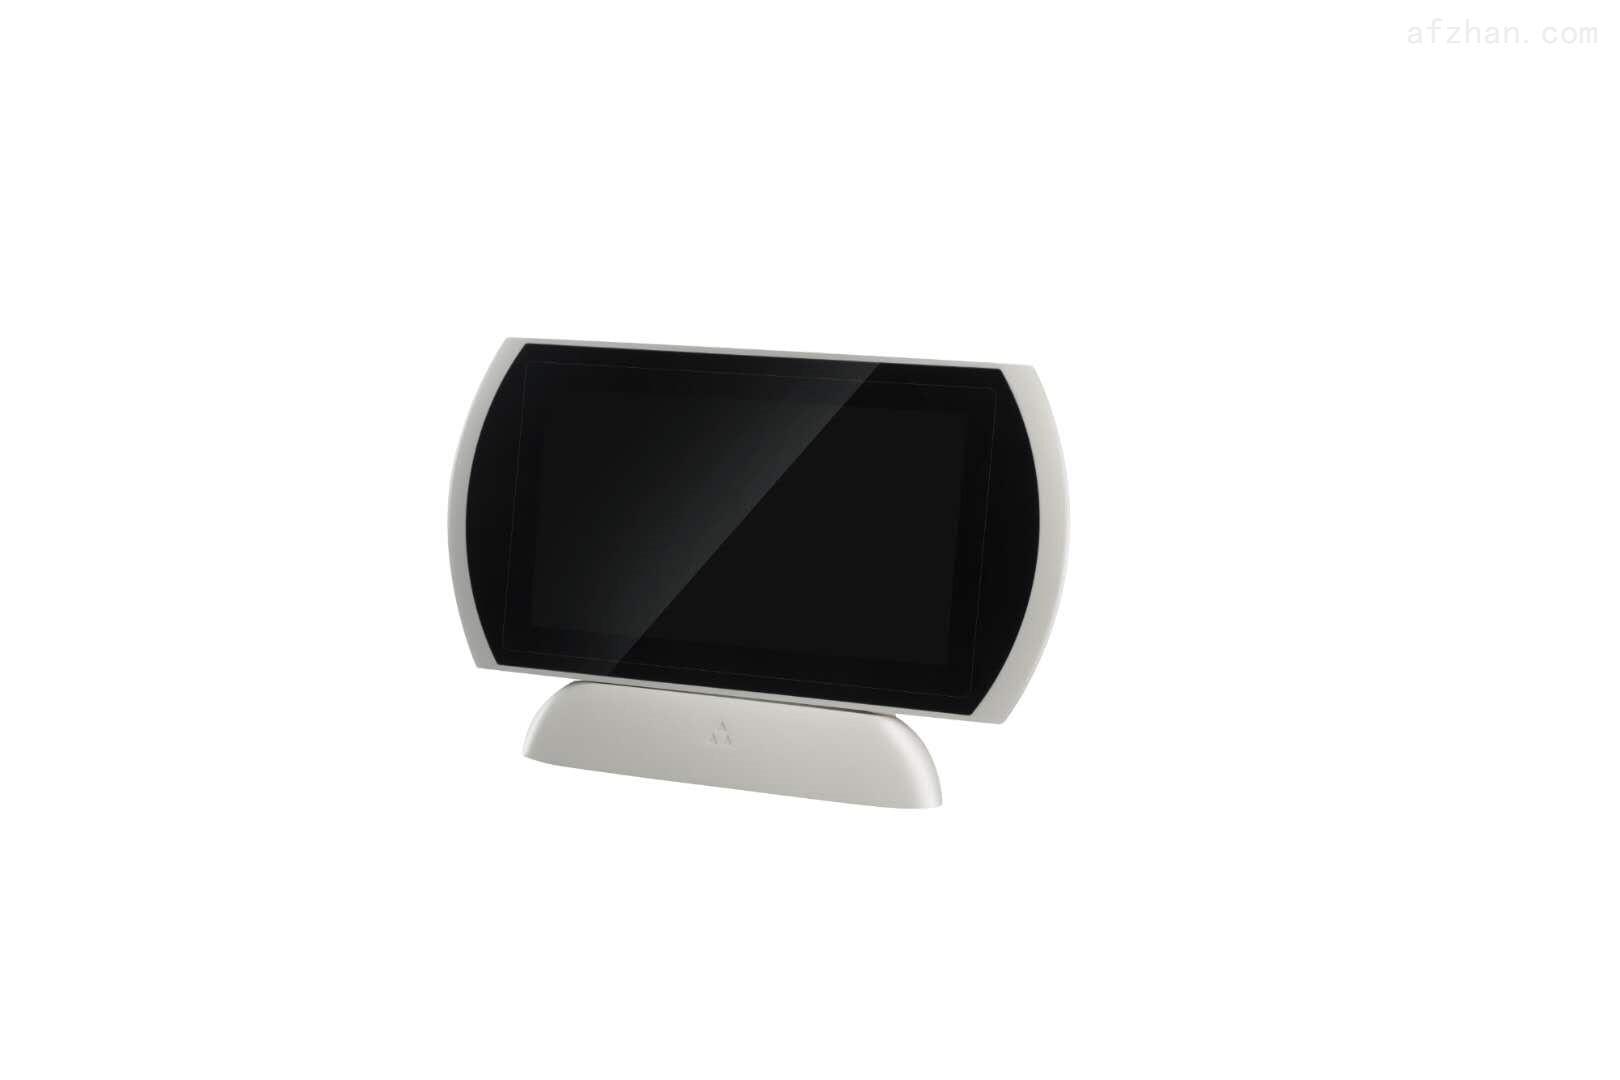 波创可视对讲梯控小区改造升级利器适用高端